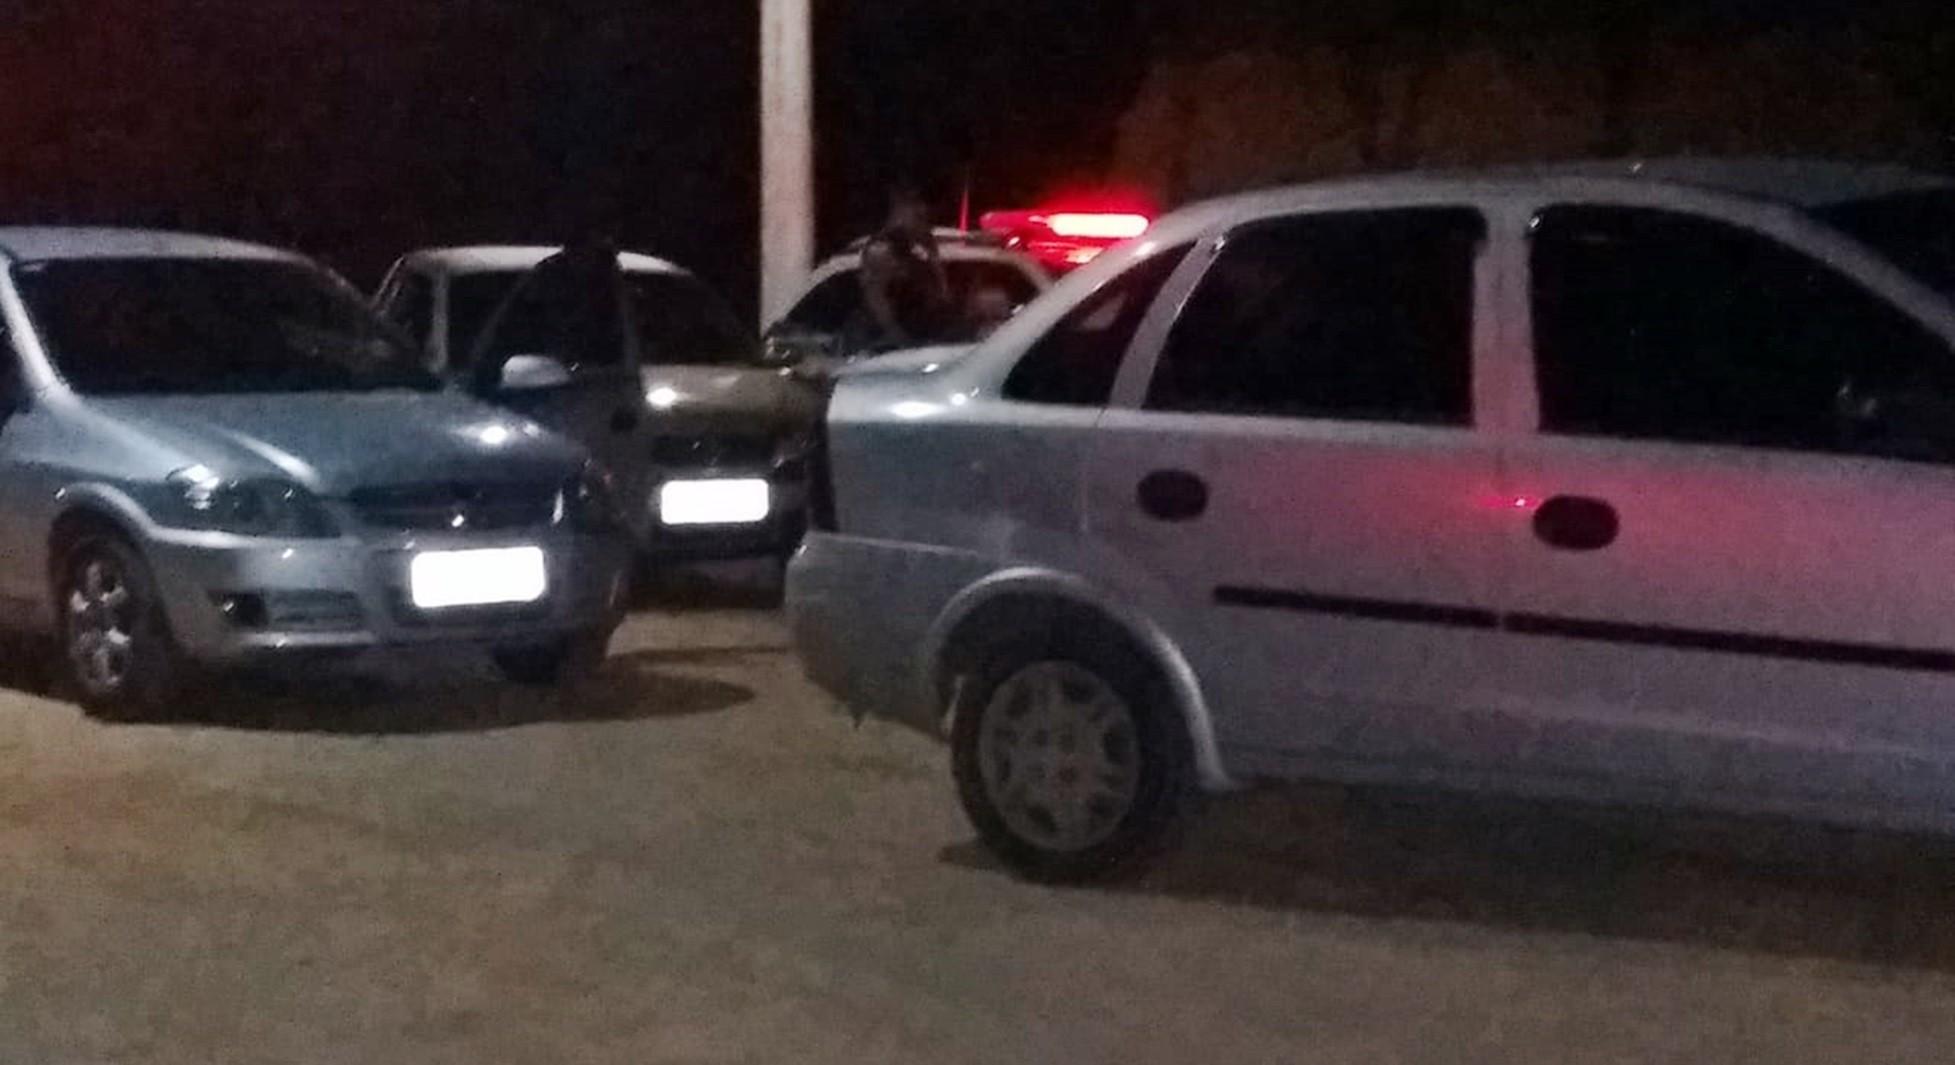 Polícia apreende nove veículos com documentação irregular em Poços de Caldas, MG - Notícias - Plantão Diário